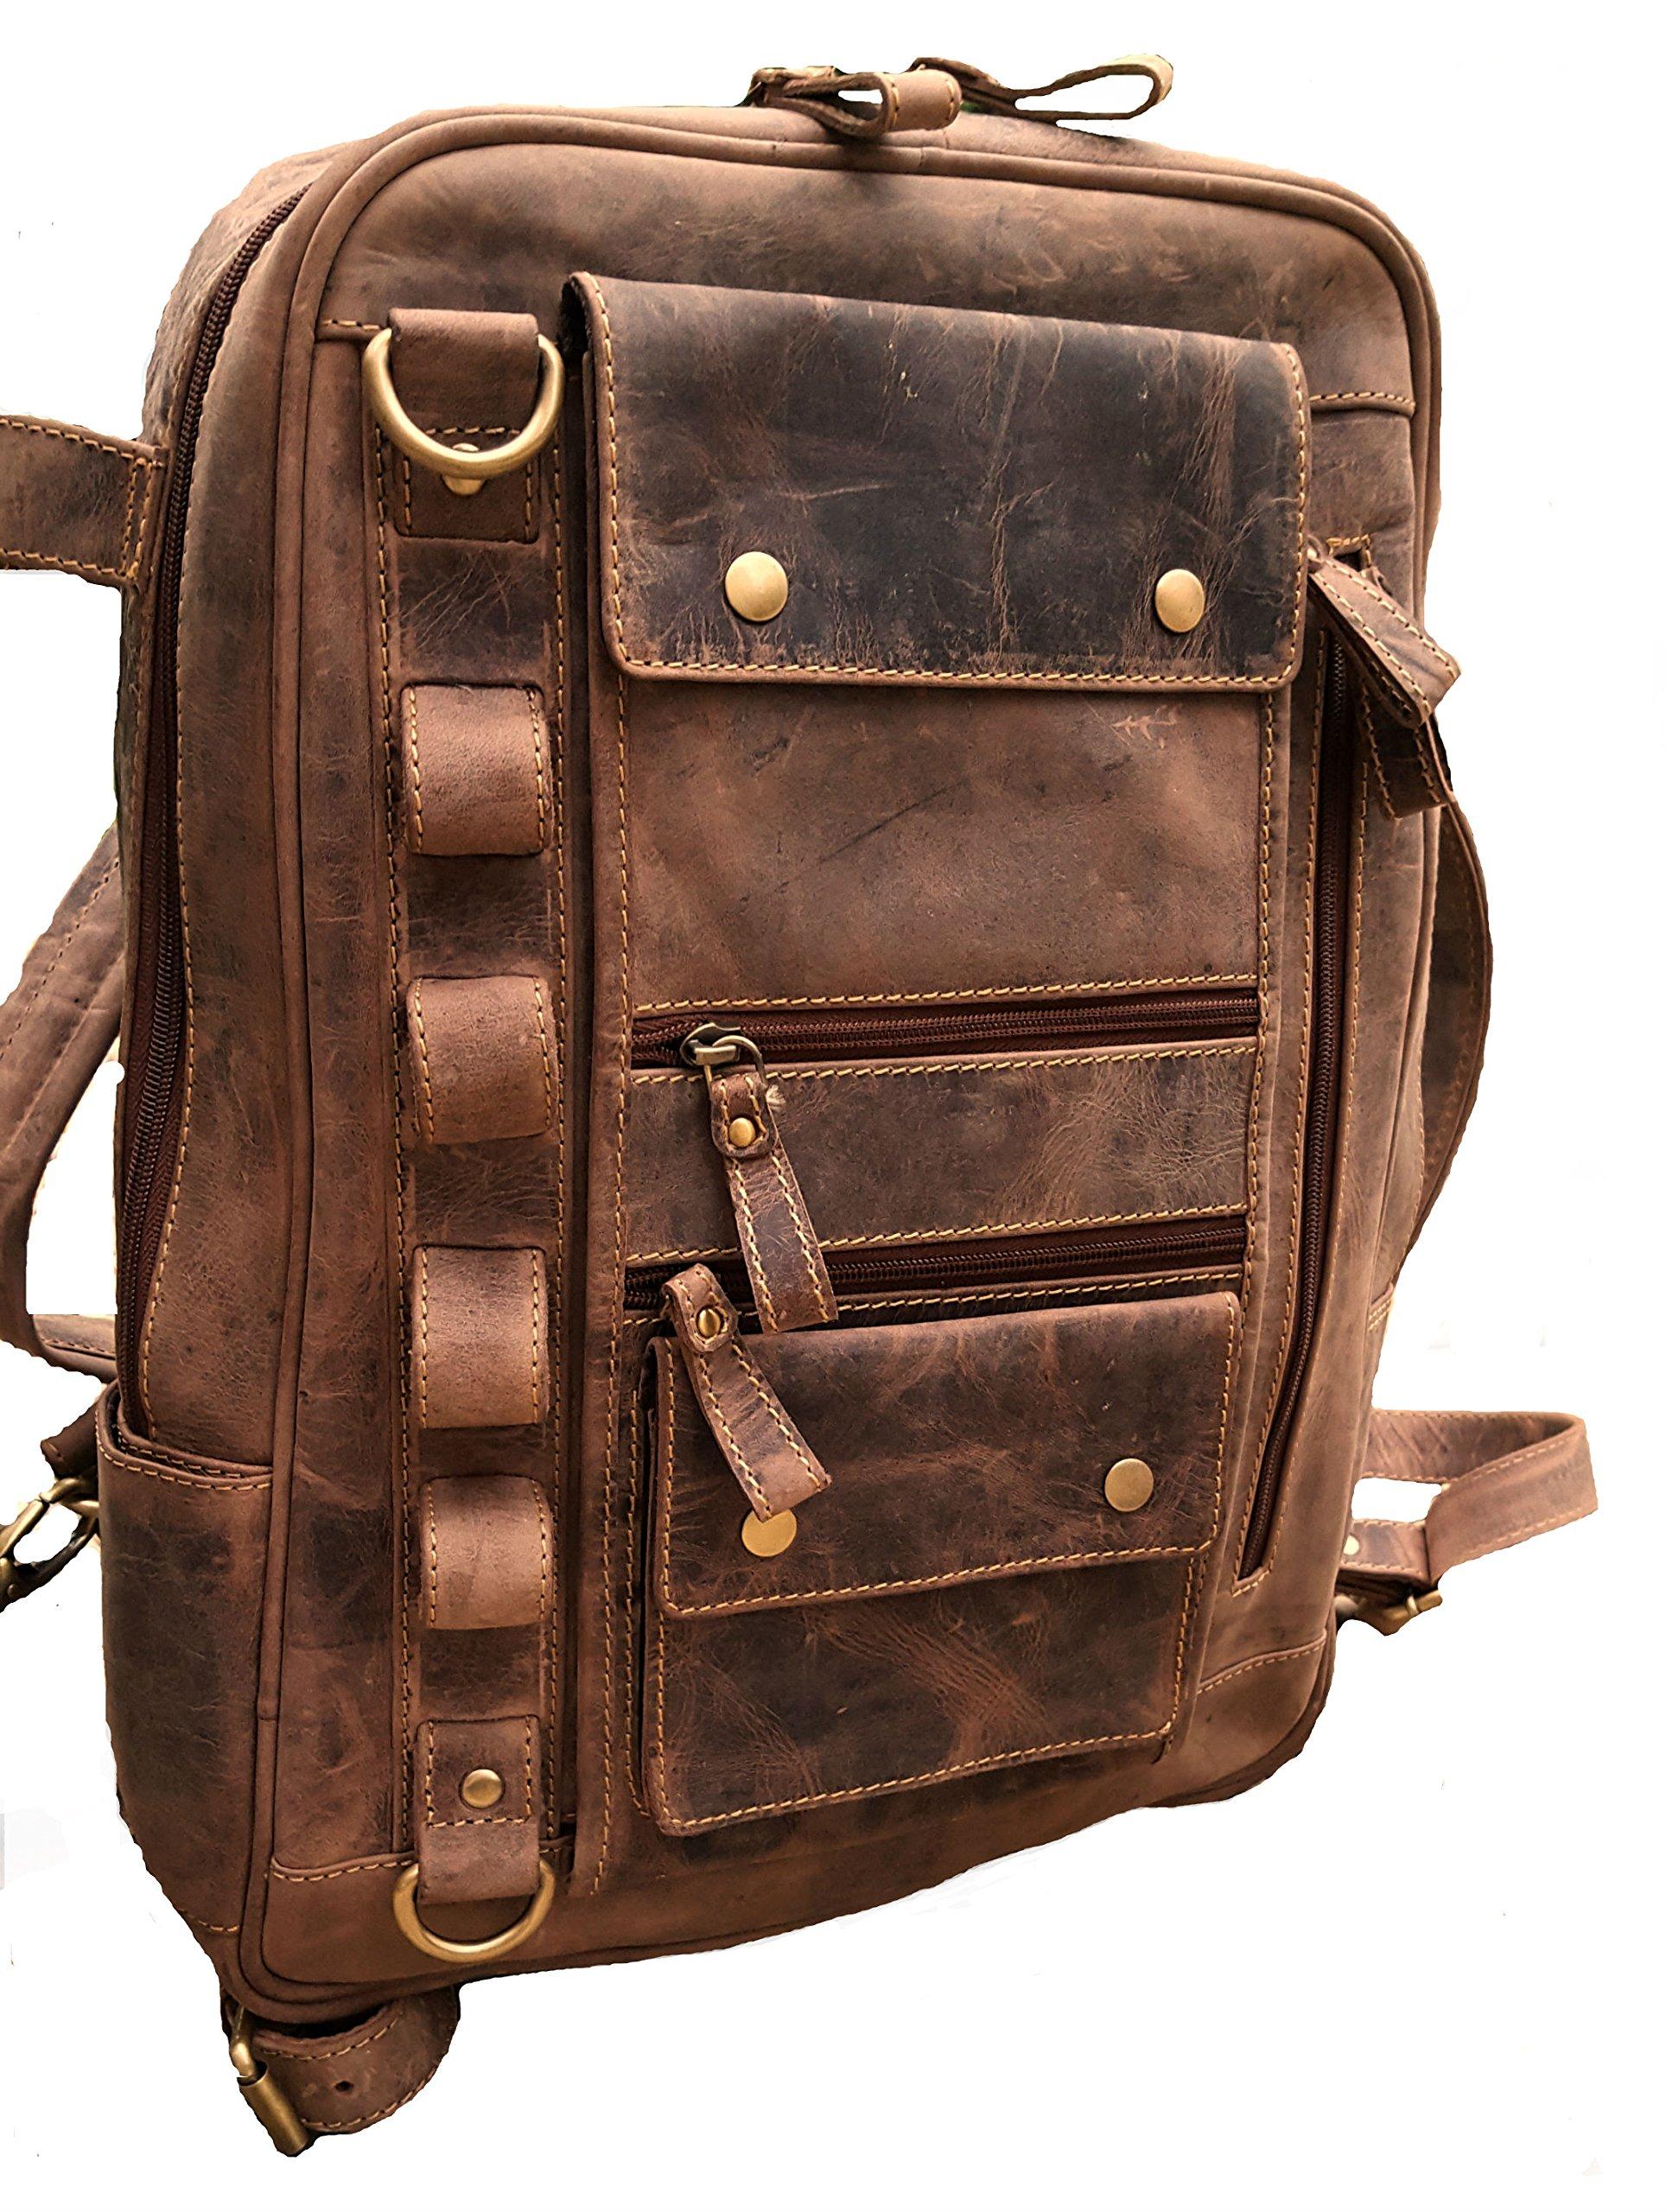 Real Leather Vintage Laptop Backpack Shoulder Bag Travel Bag Large Sports Rucksack